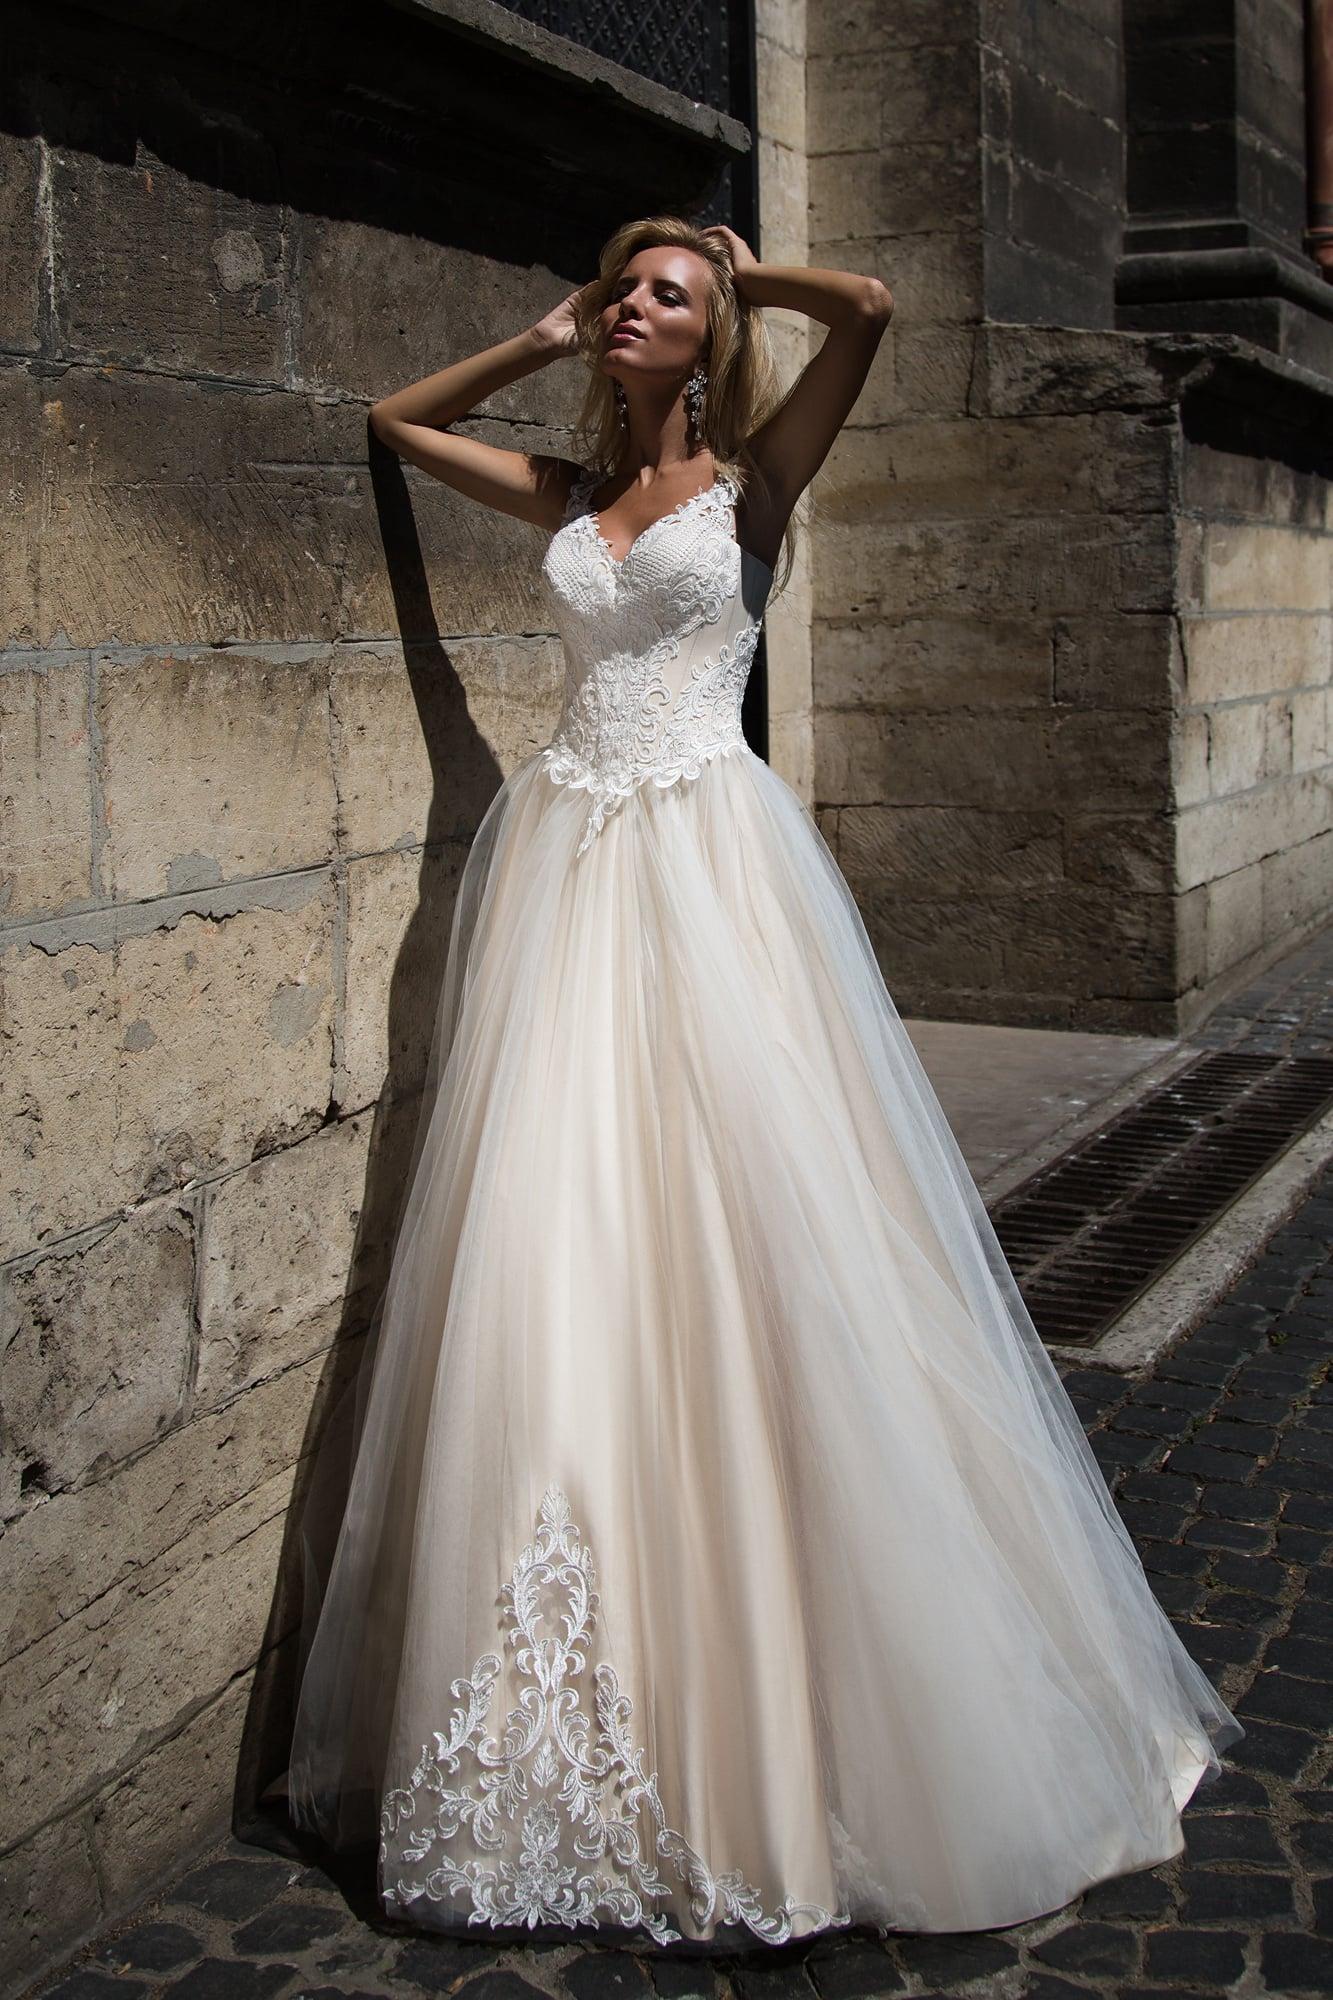 Нежное свадебное платье пышного кроя, выполненное в пастельных розовых тонах.